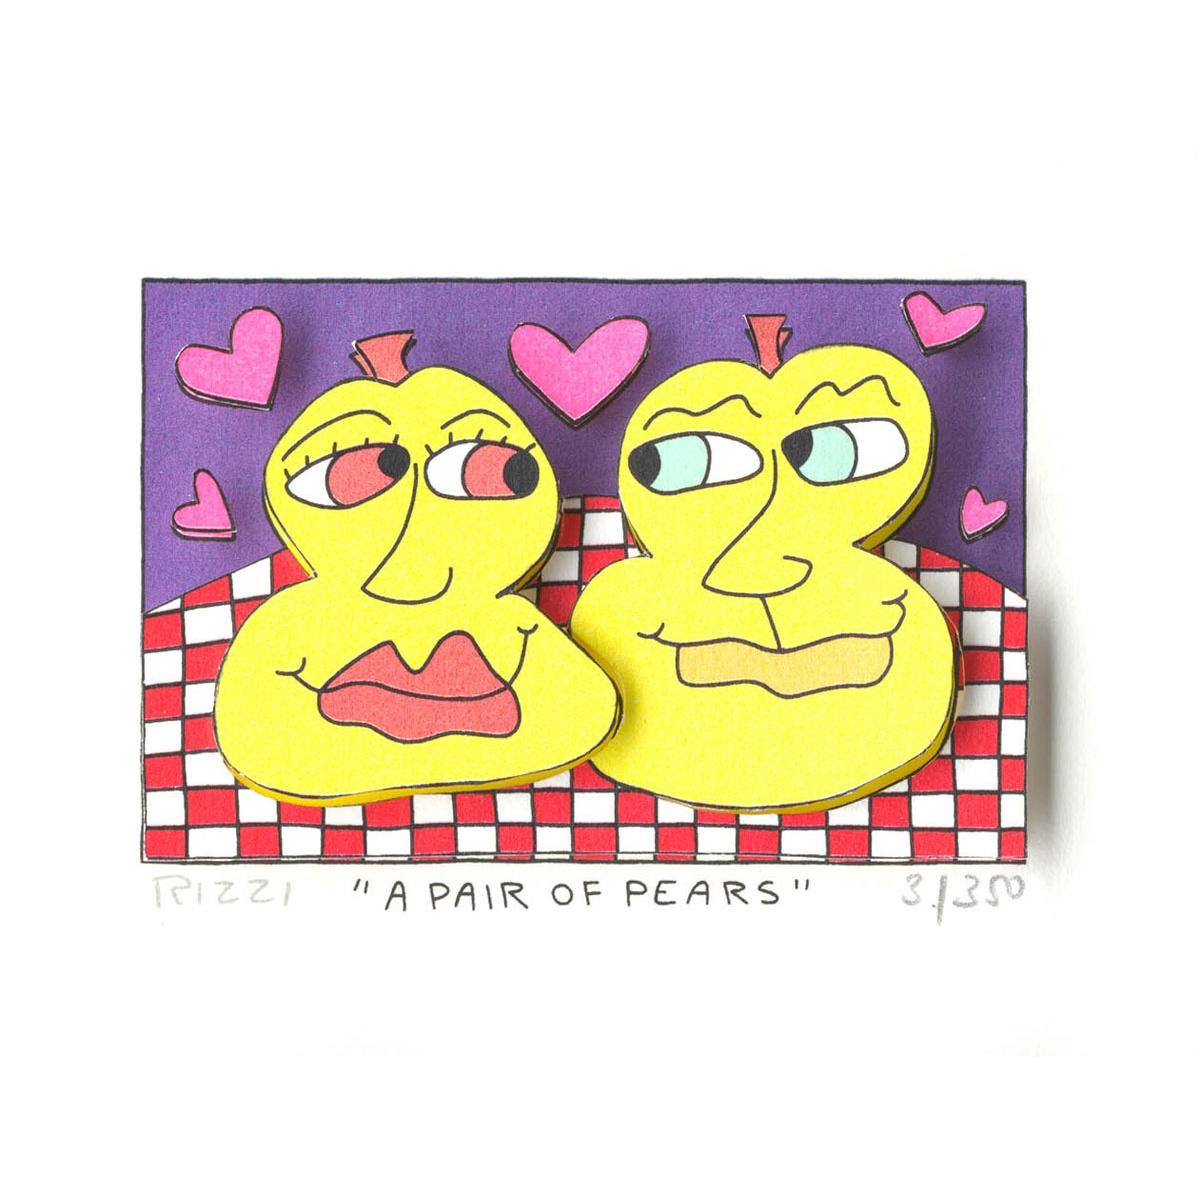 A pair of tears von James Rizzi